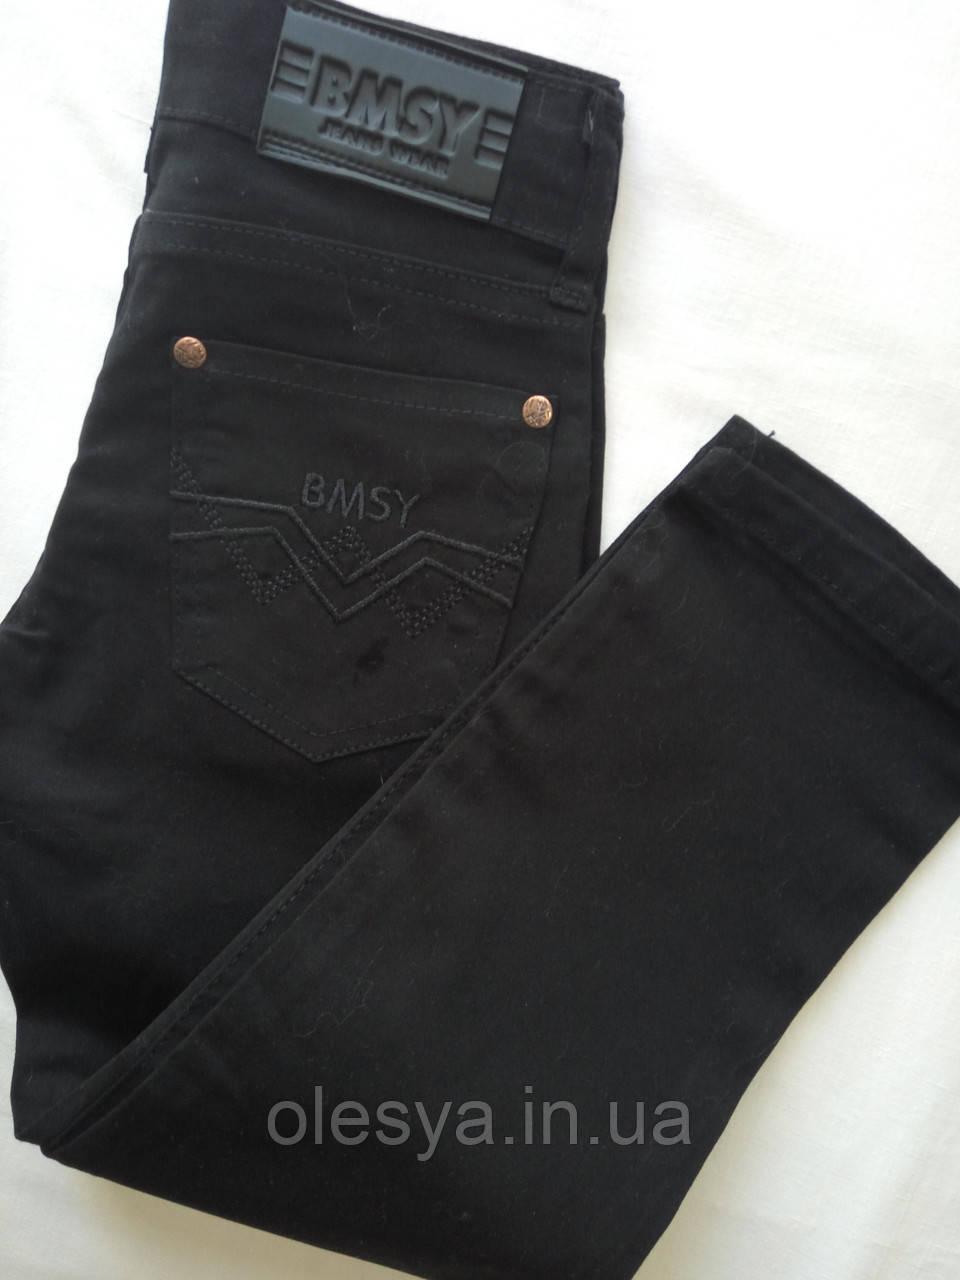 Черные джинсы в школу на мальчика размеры 10, 11 лет